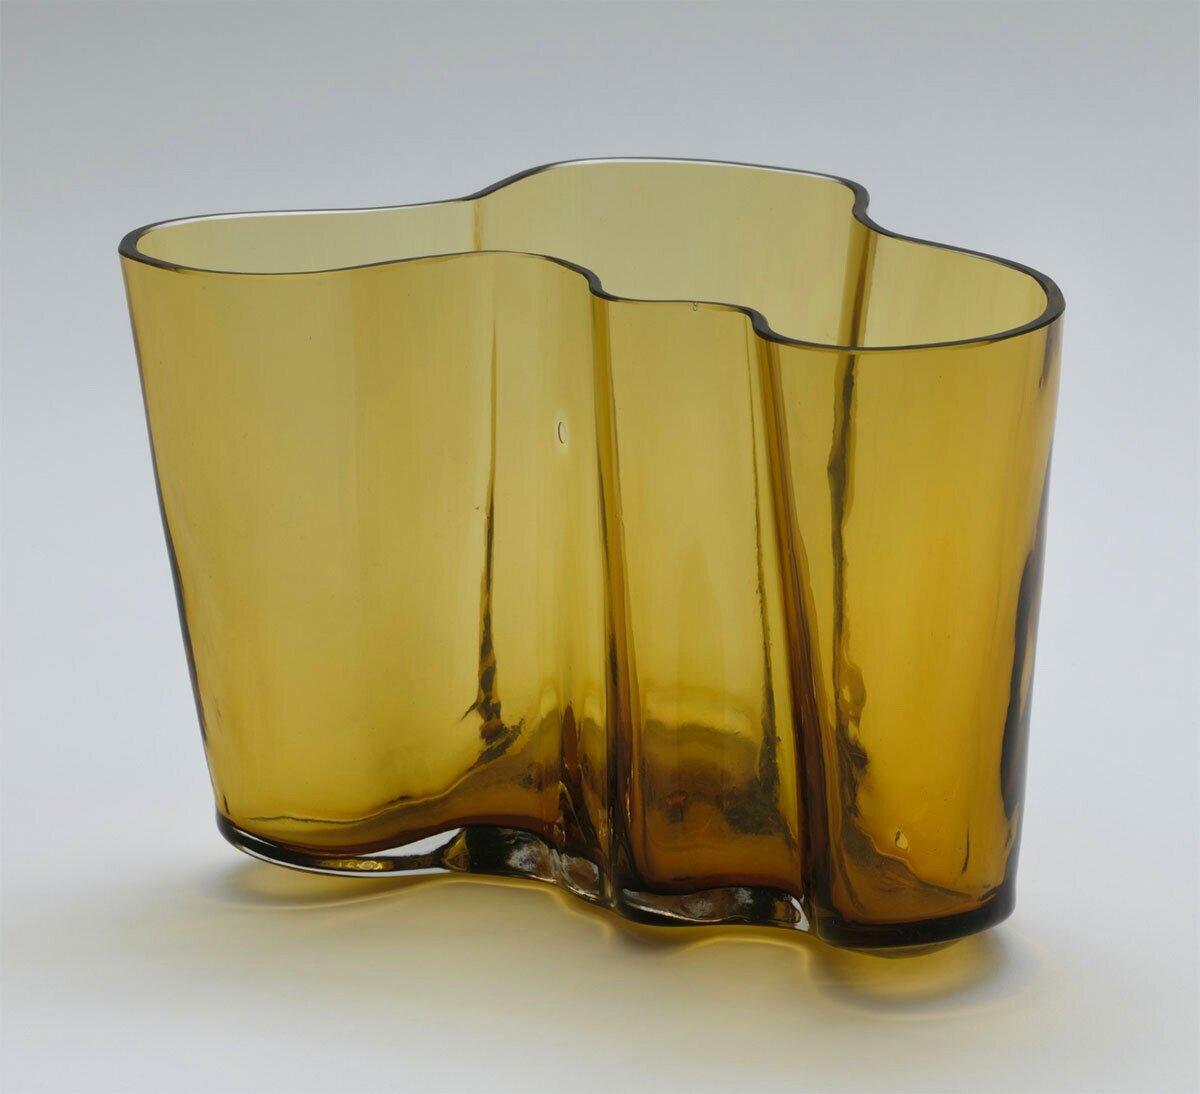 Savoy Vase (1963-1937)